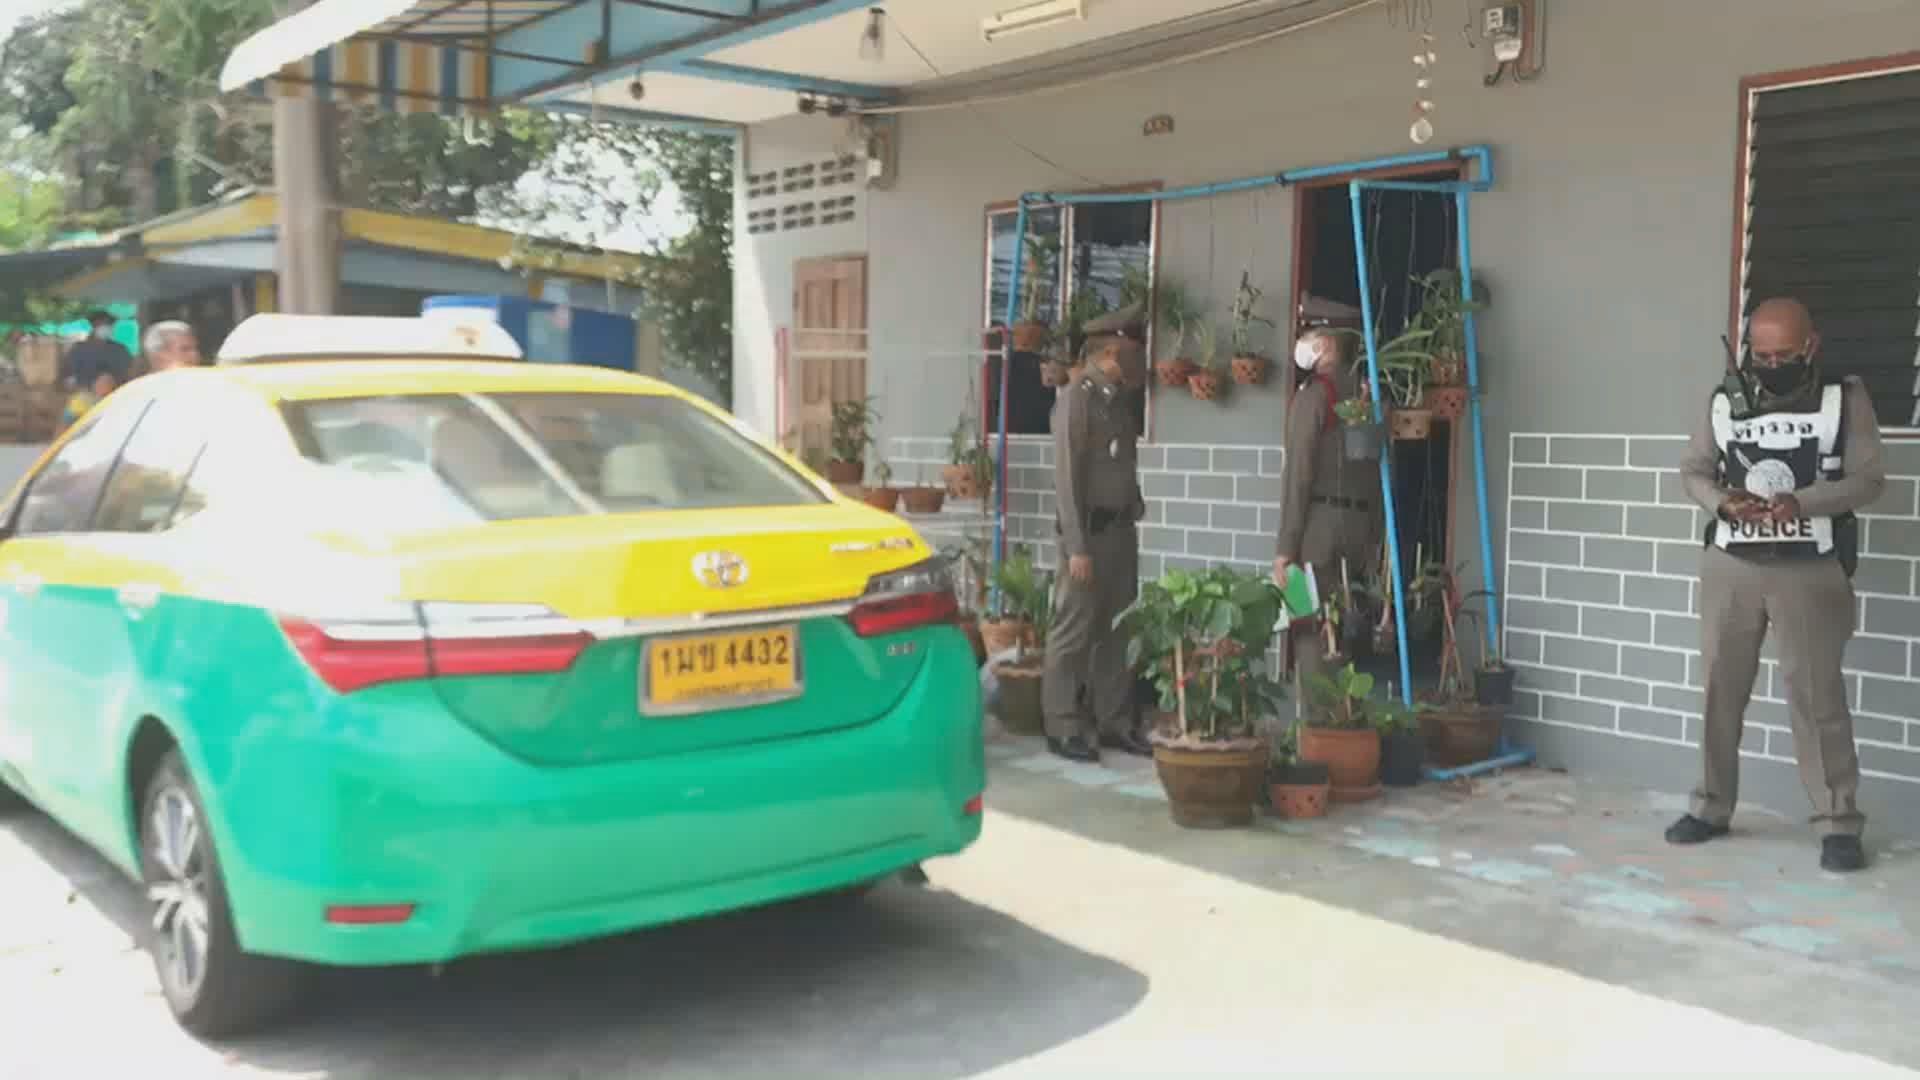 ลุงขับแท็กซี่วัย 61ปี เครียดปัญหาเศรษฐกิจ ผูกคอดับ